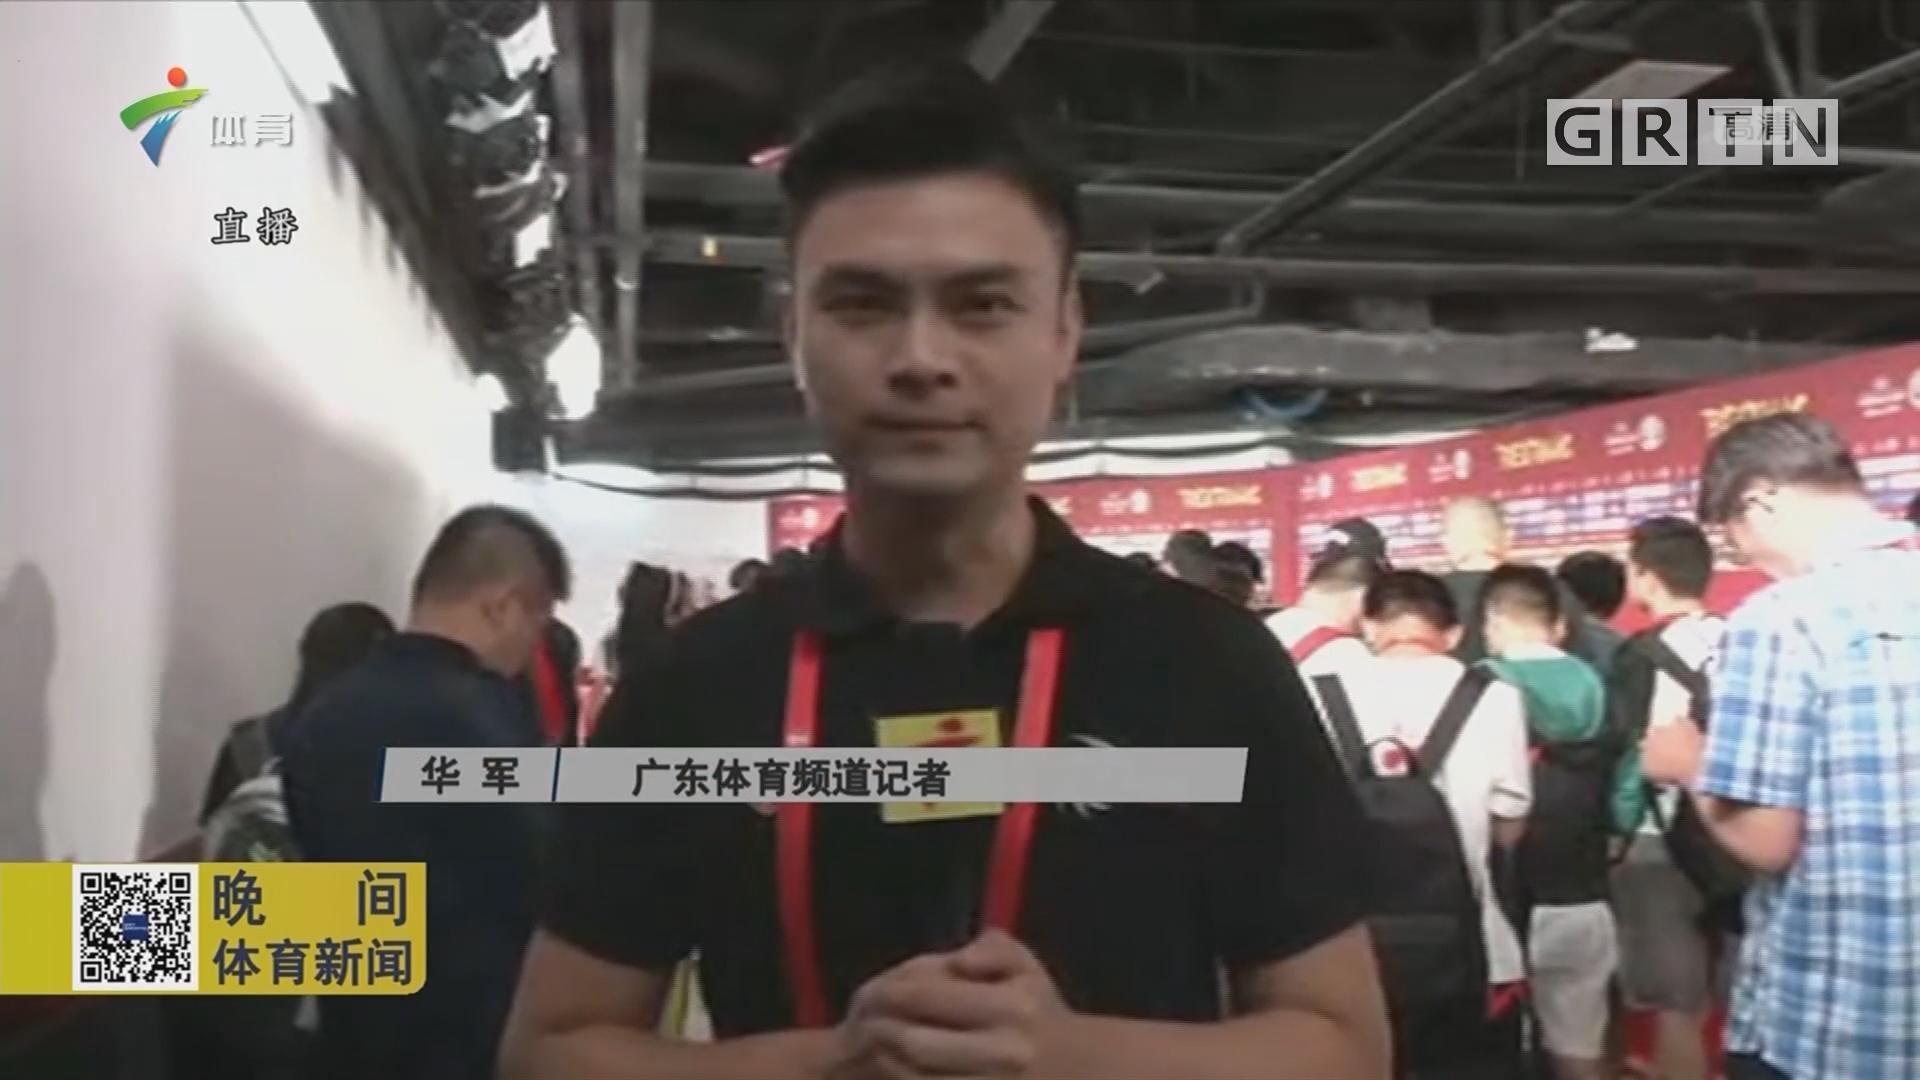 广东体育频道记者-华军现场的报道